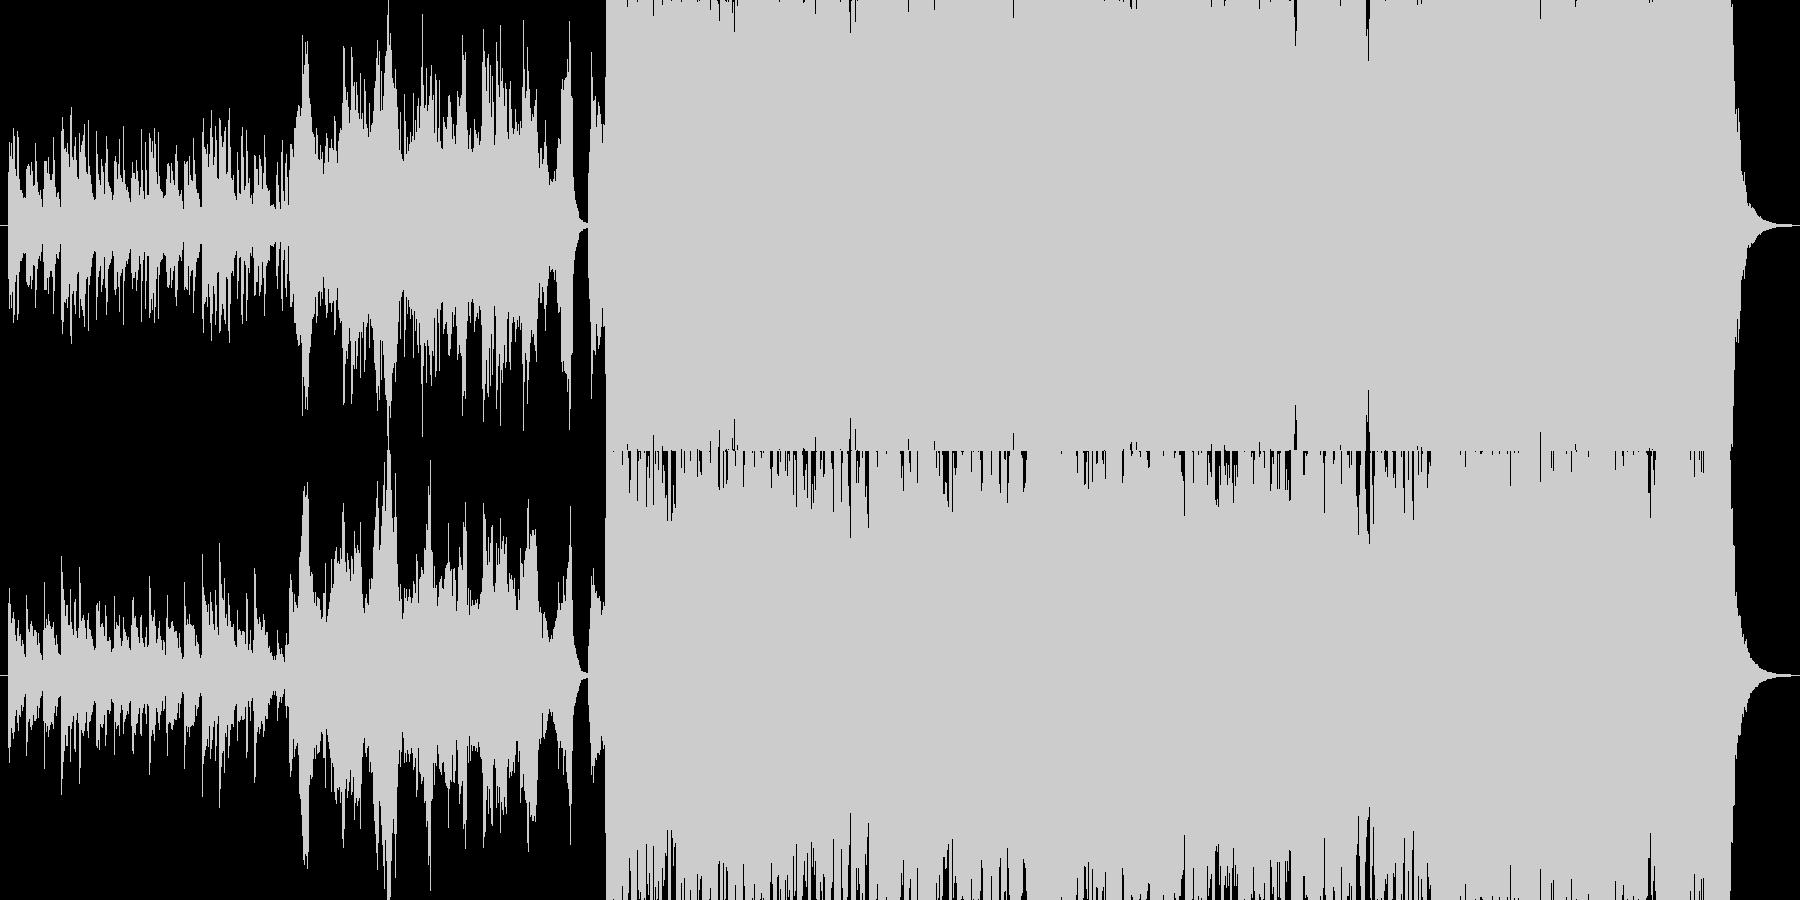 【オーケストラ】壮大なオーケストラの未再生の波形